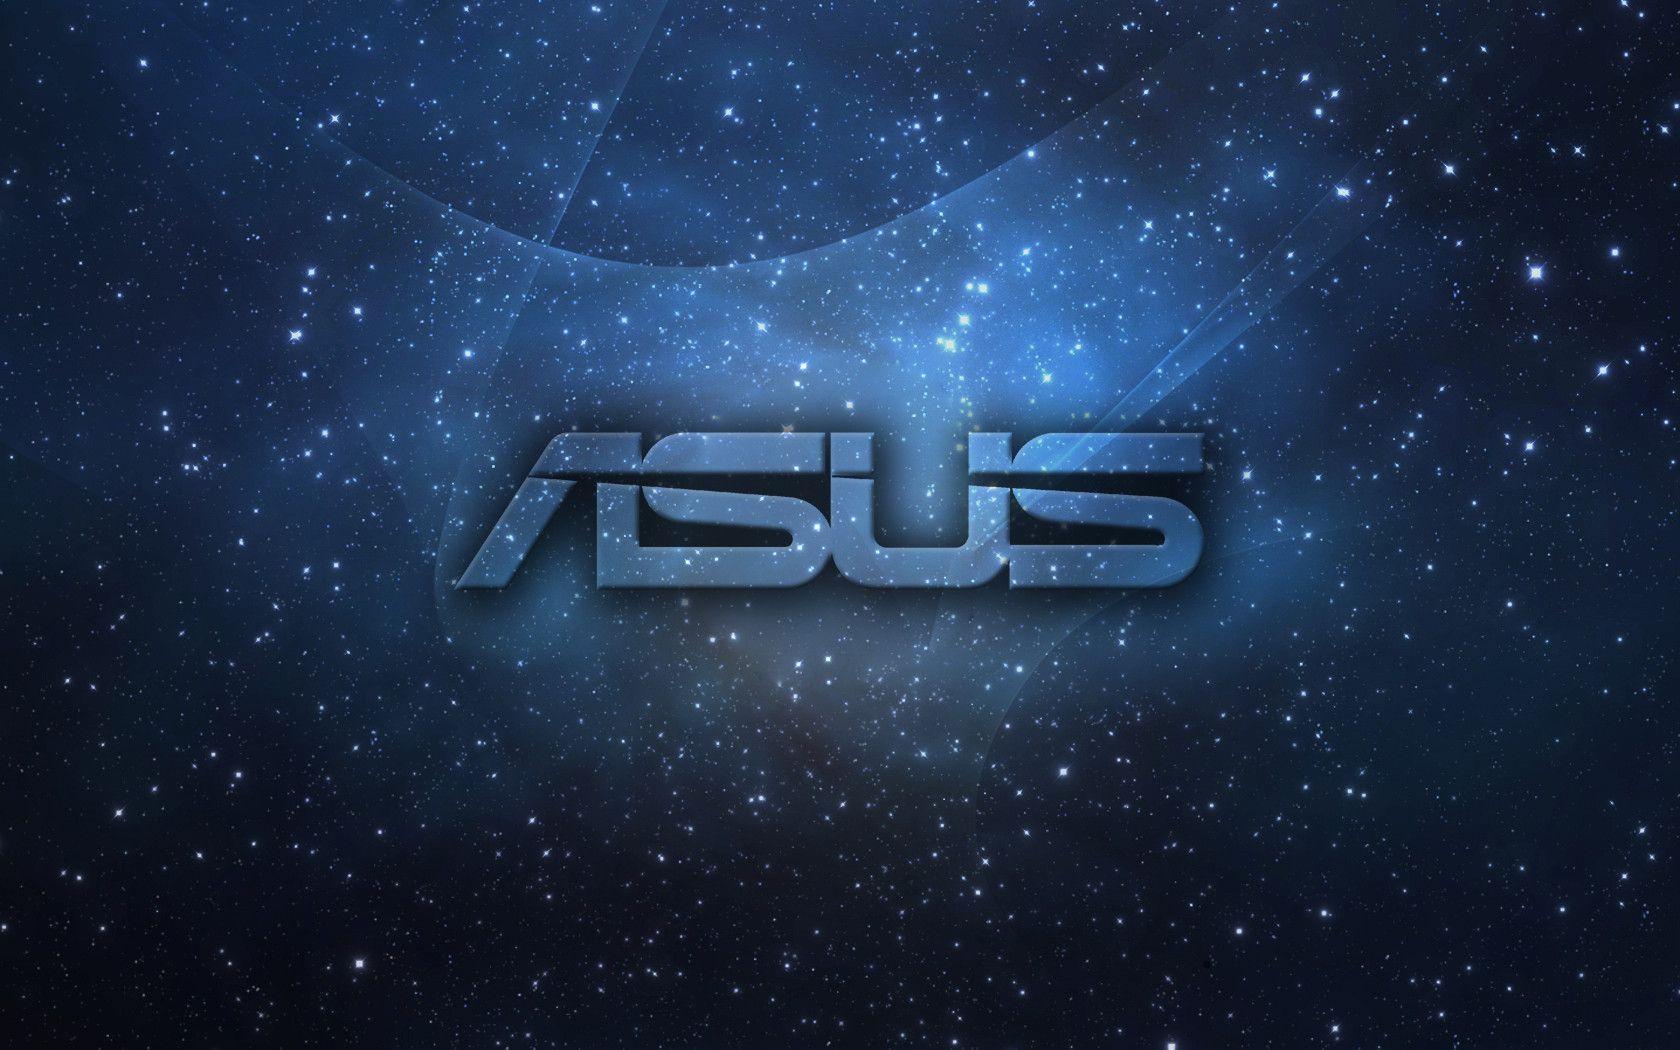 Asus Wallpaper Hd: Asus Desktop Wallpapers